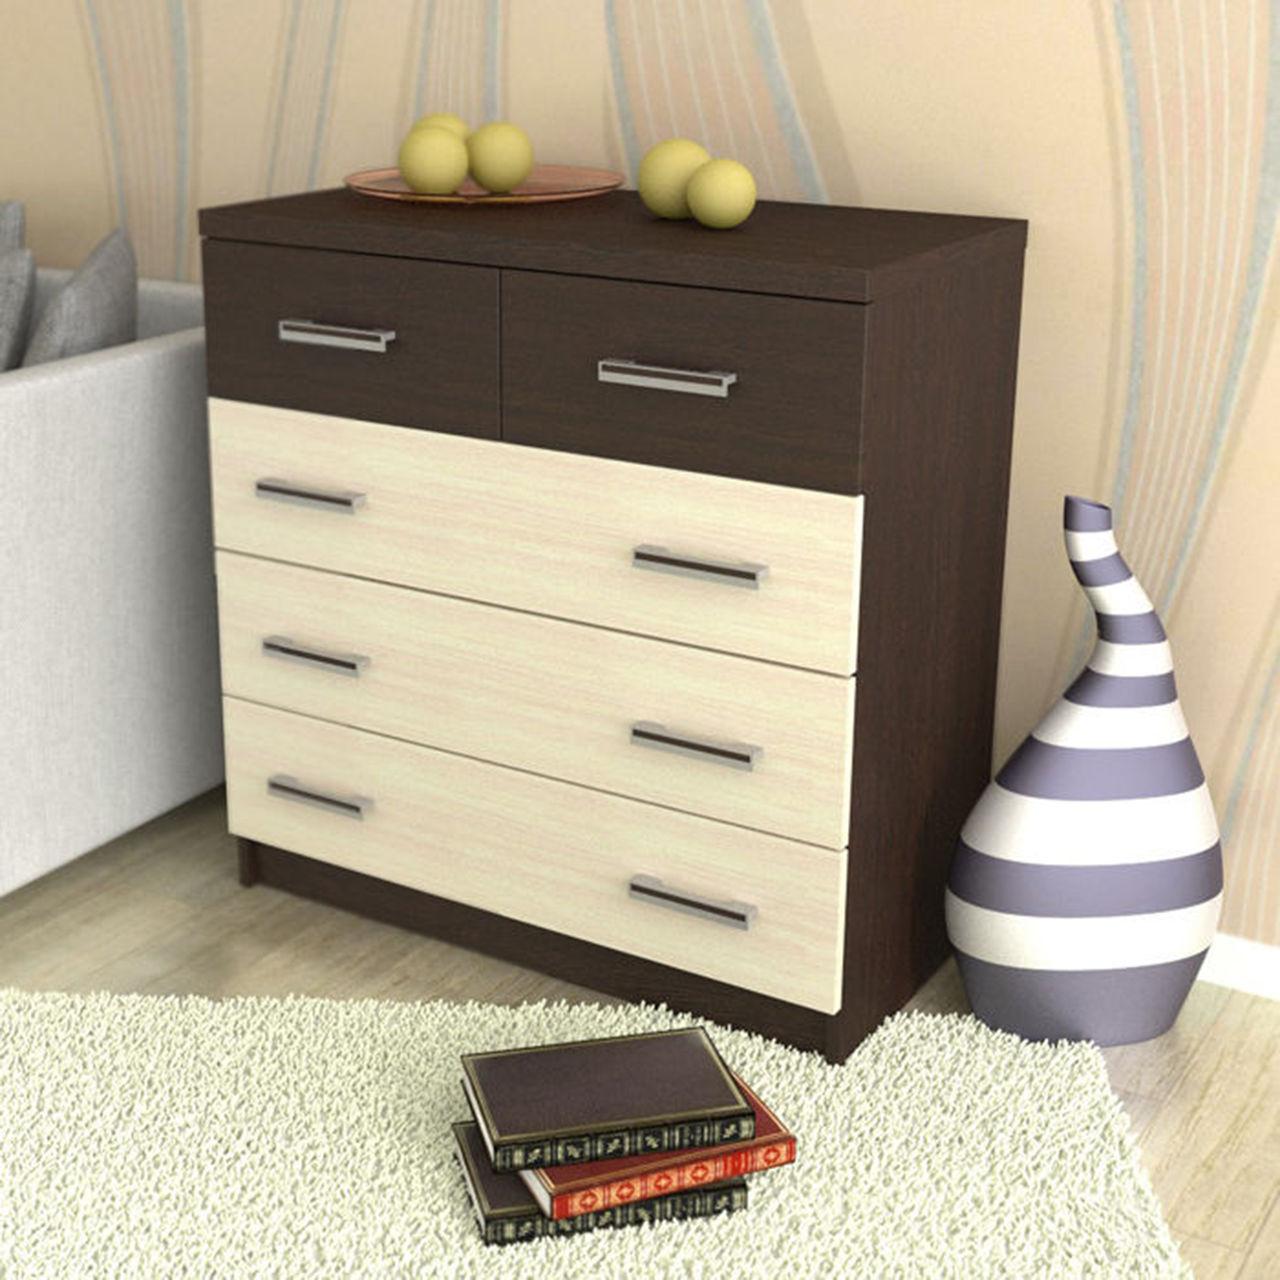 Комод представляет собой небольшой низкий шкаф с выдвижными или распашными ящиками